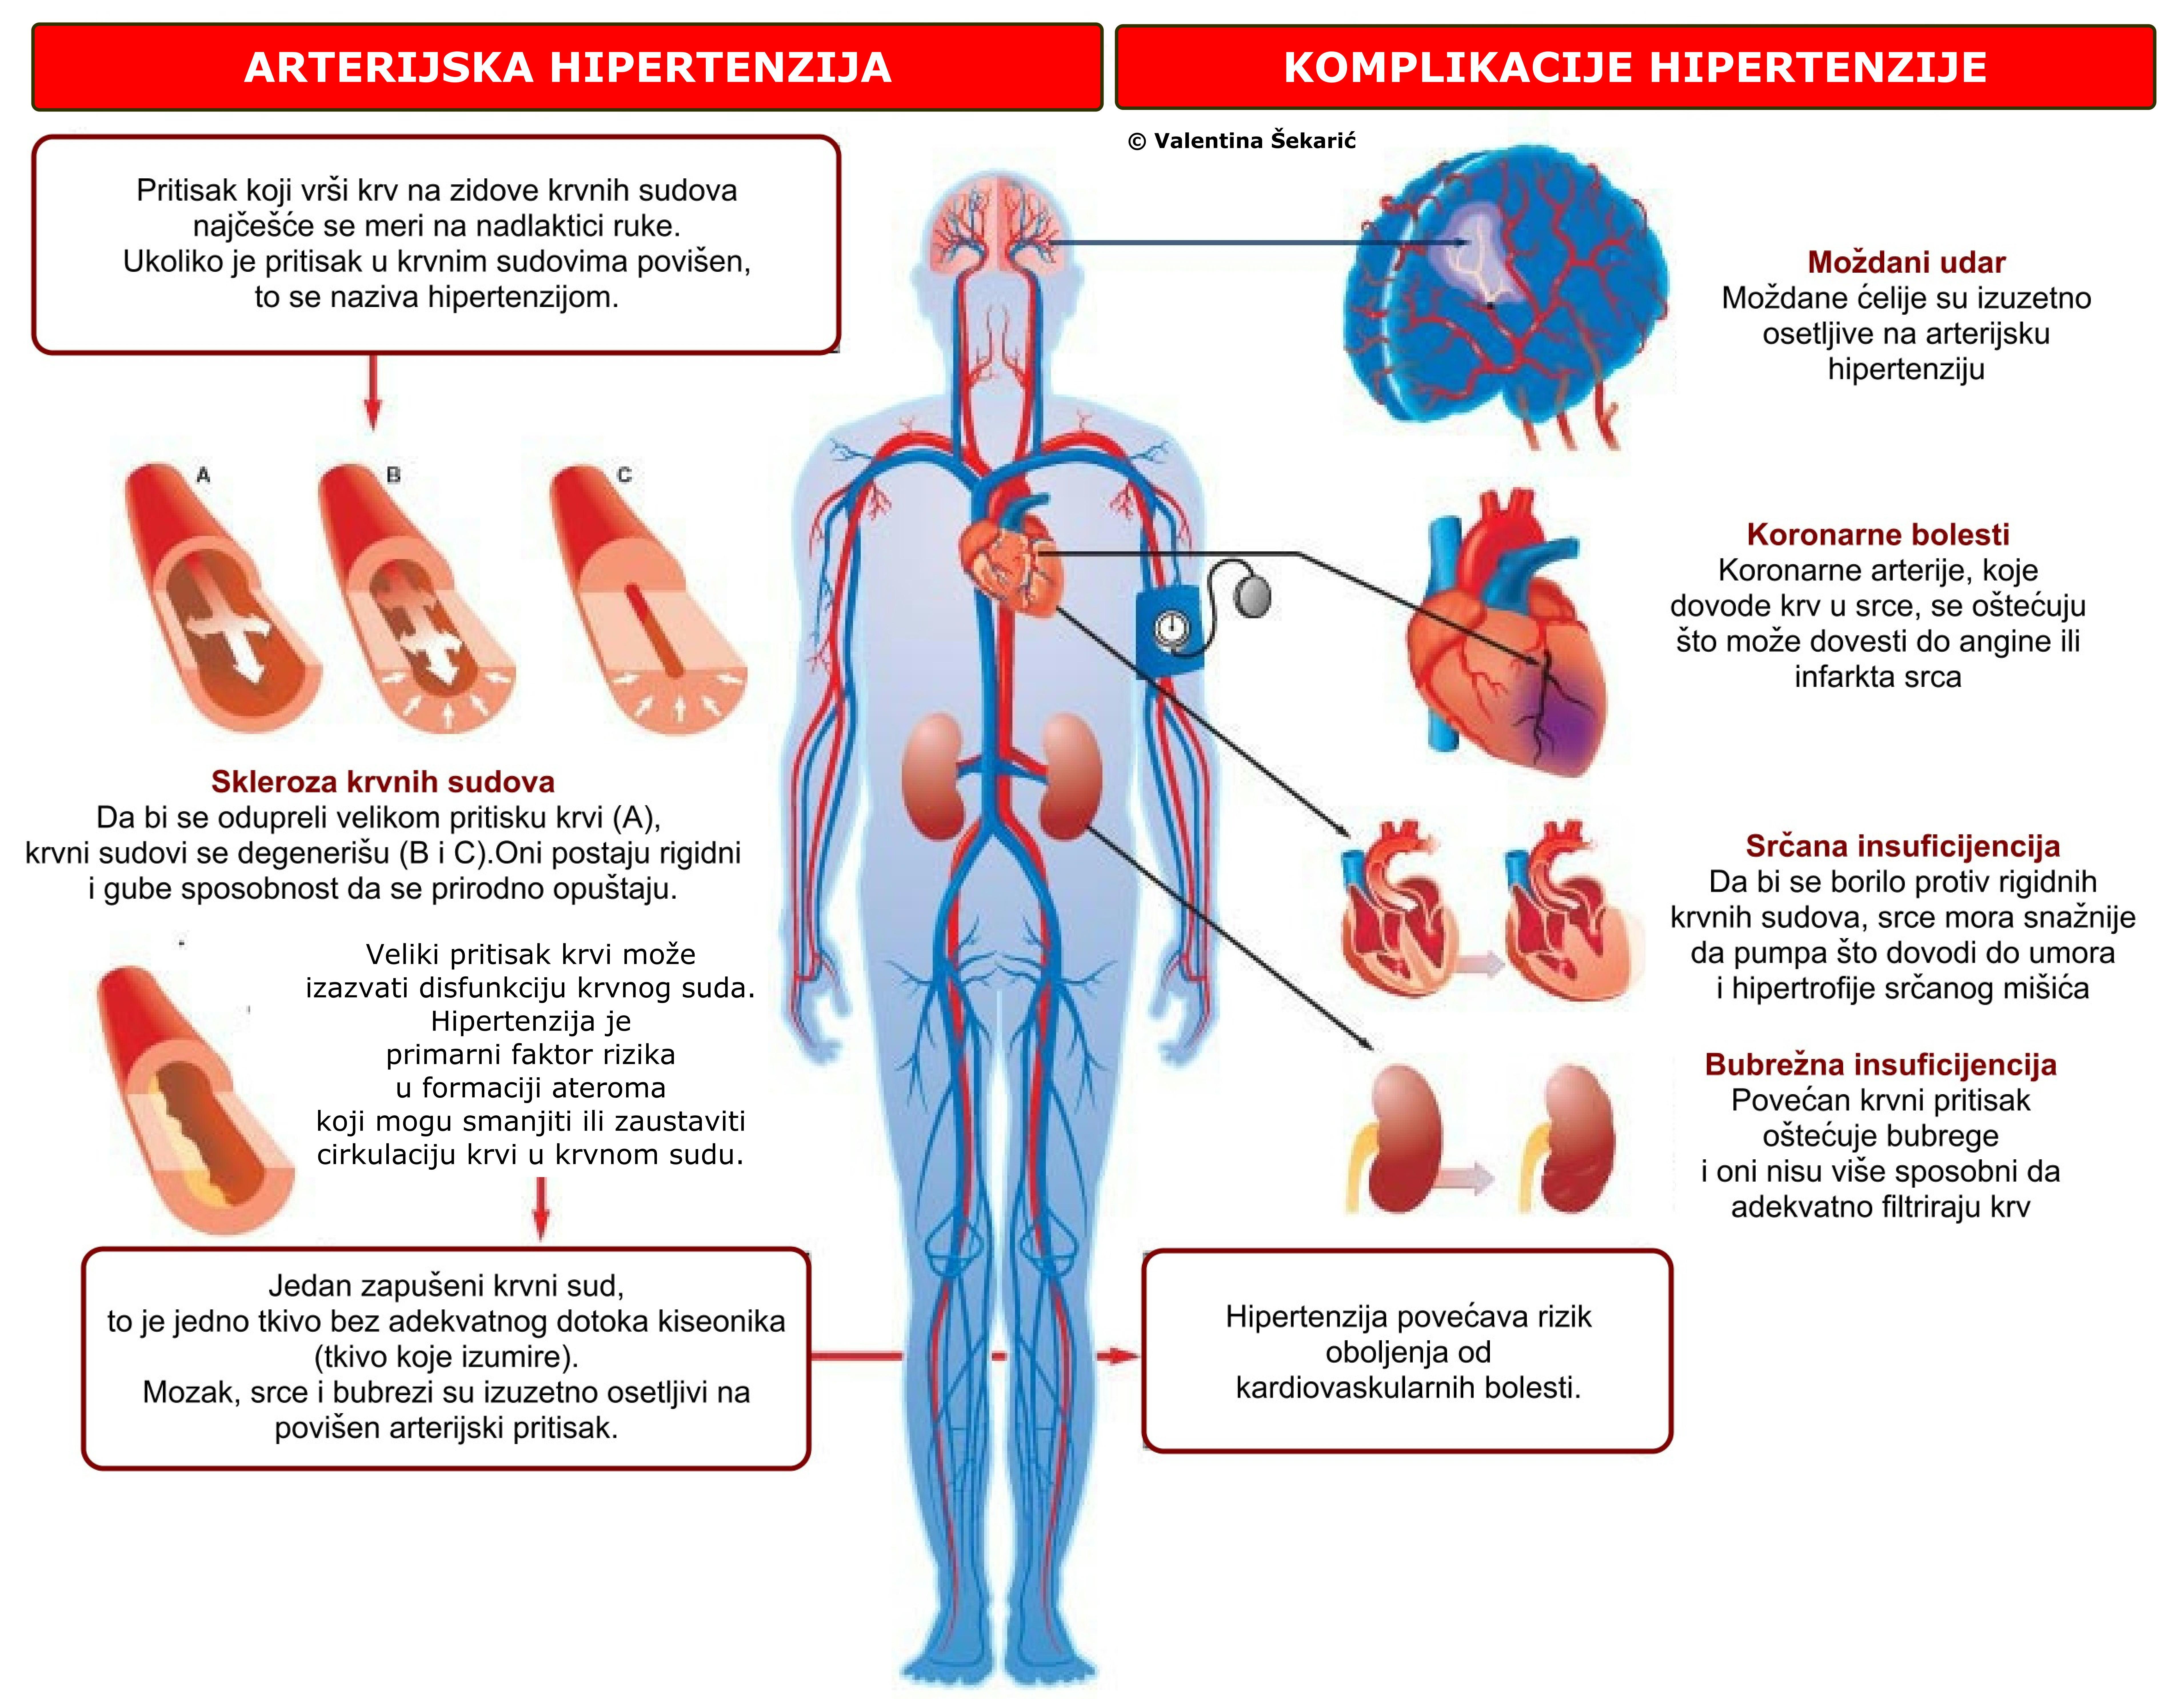 najučinkovitiji i siguran lijek za hipertenziju